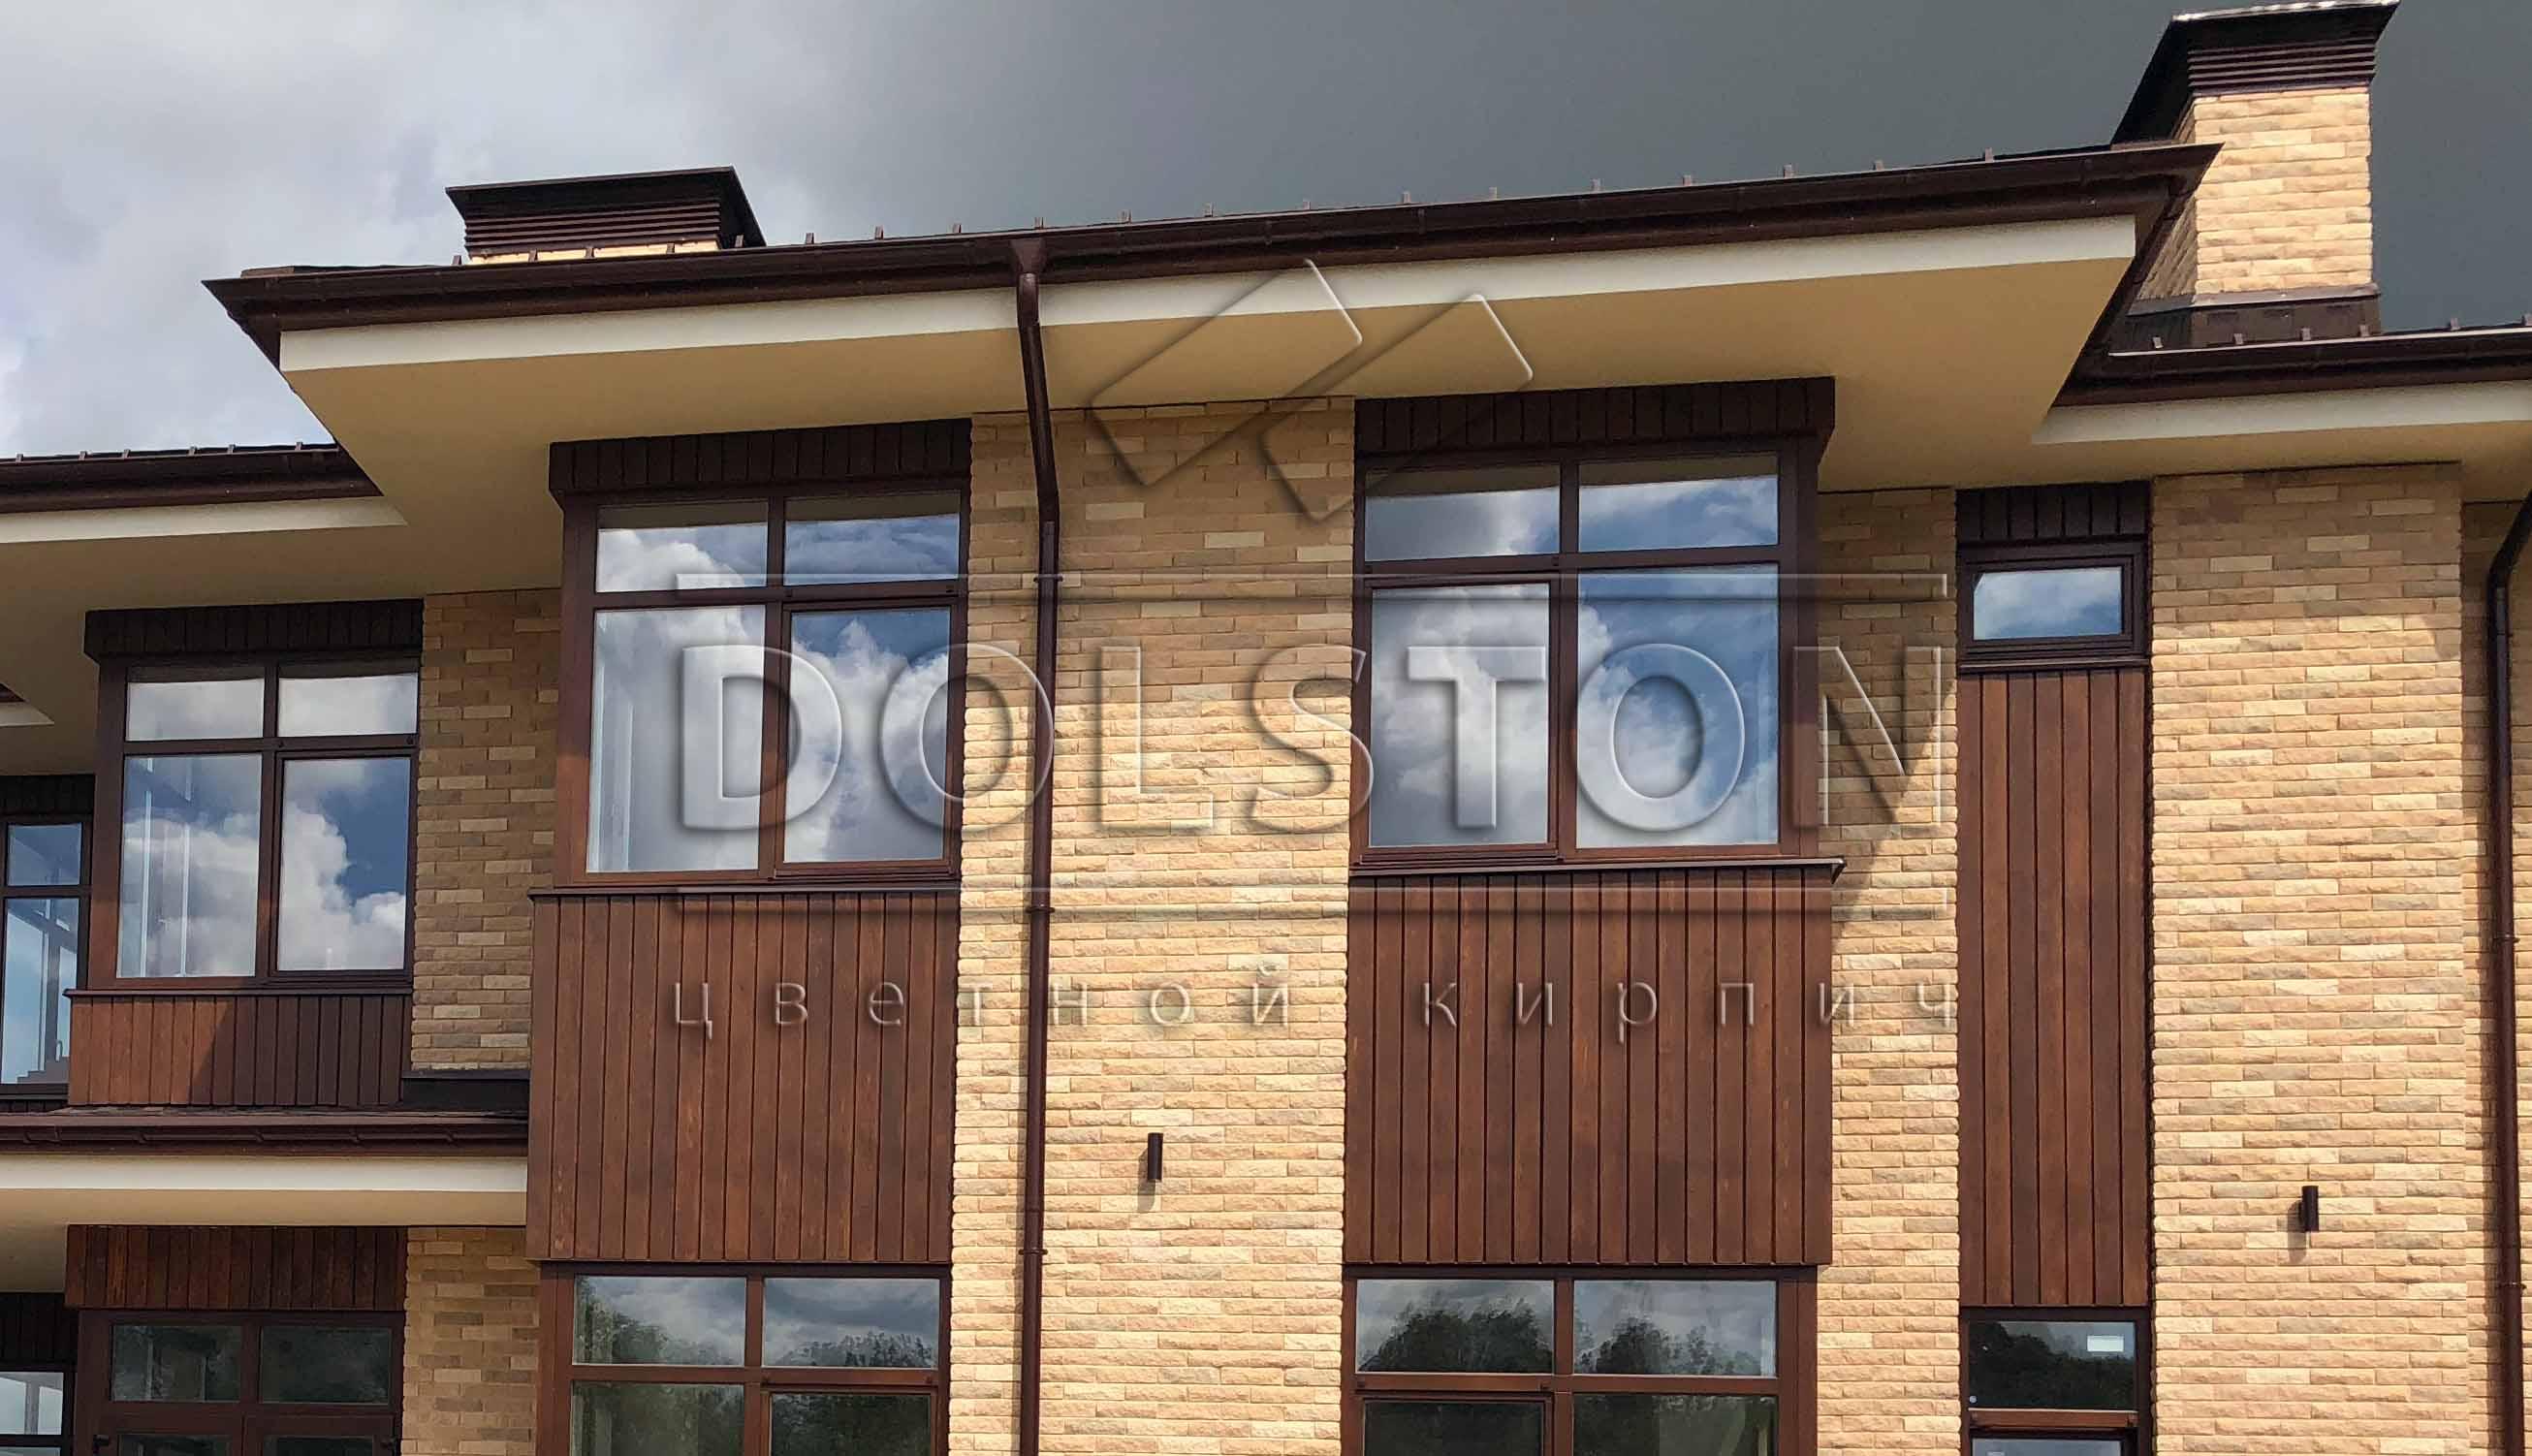 Кирпичный фасад из облицовочного кирпича Долстон